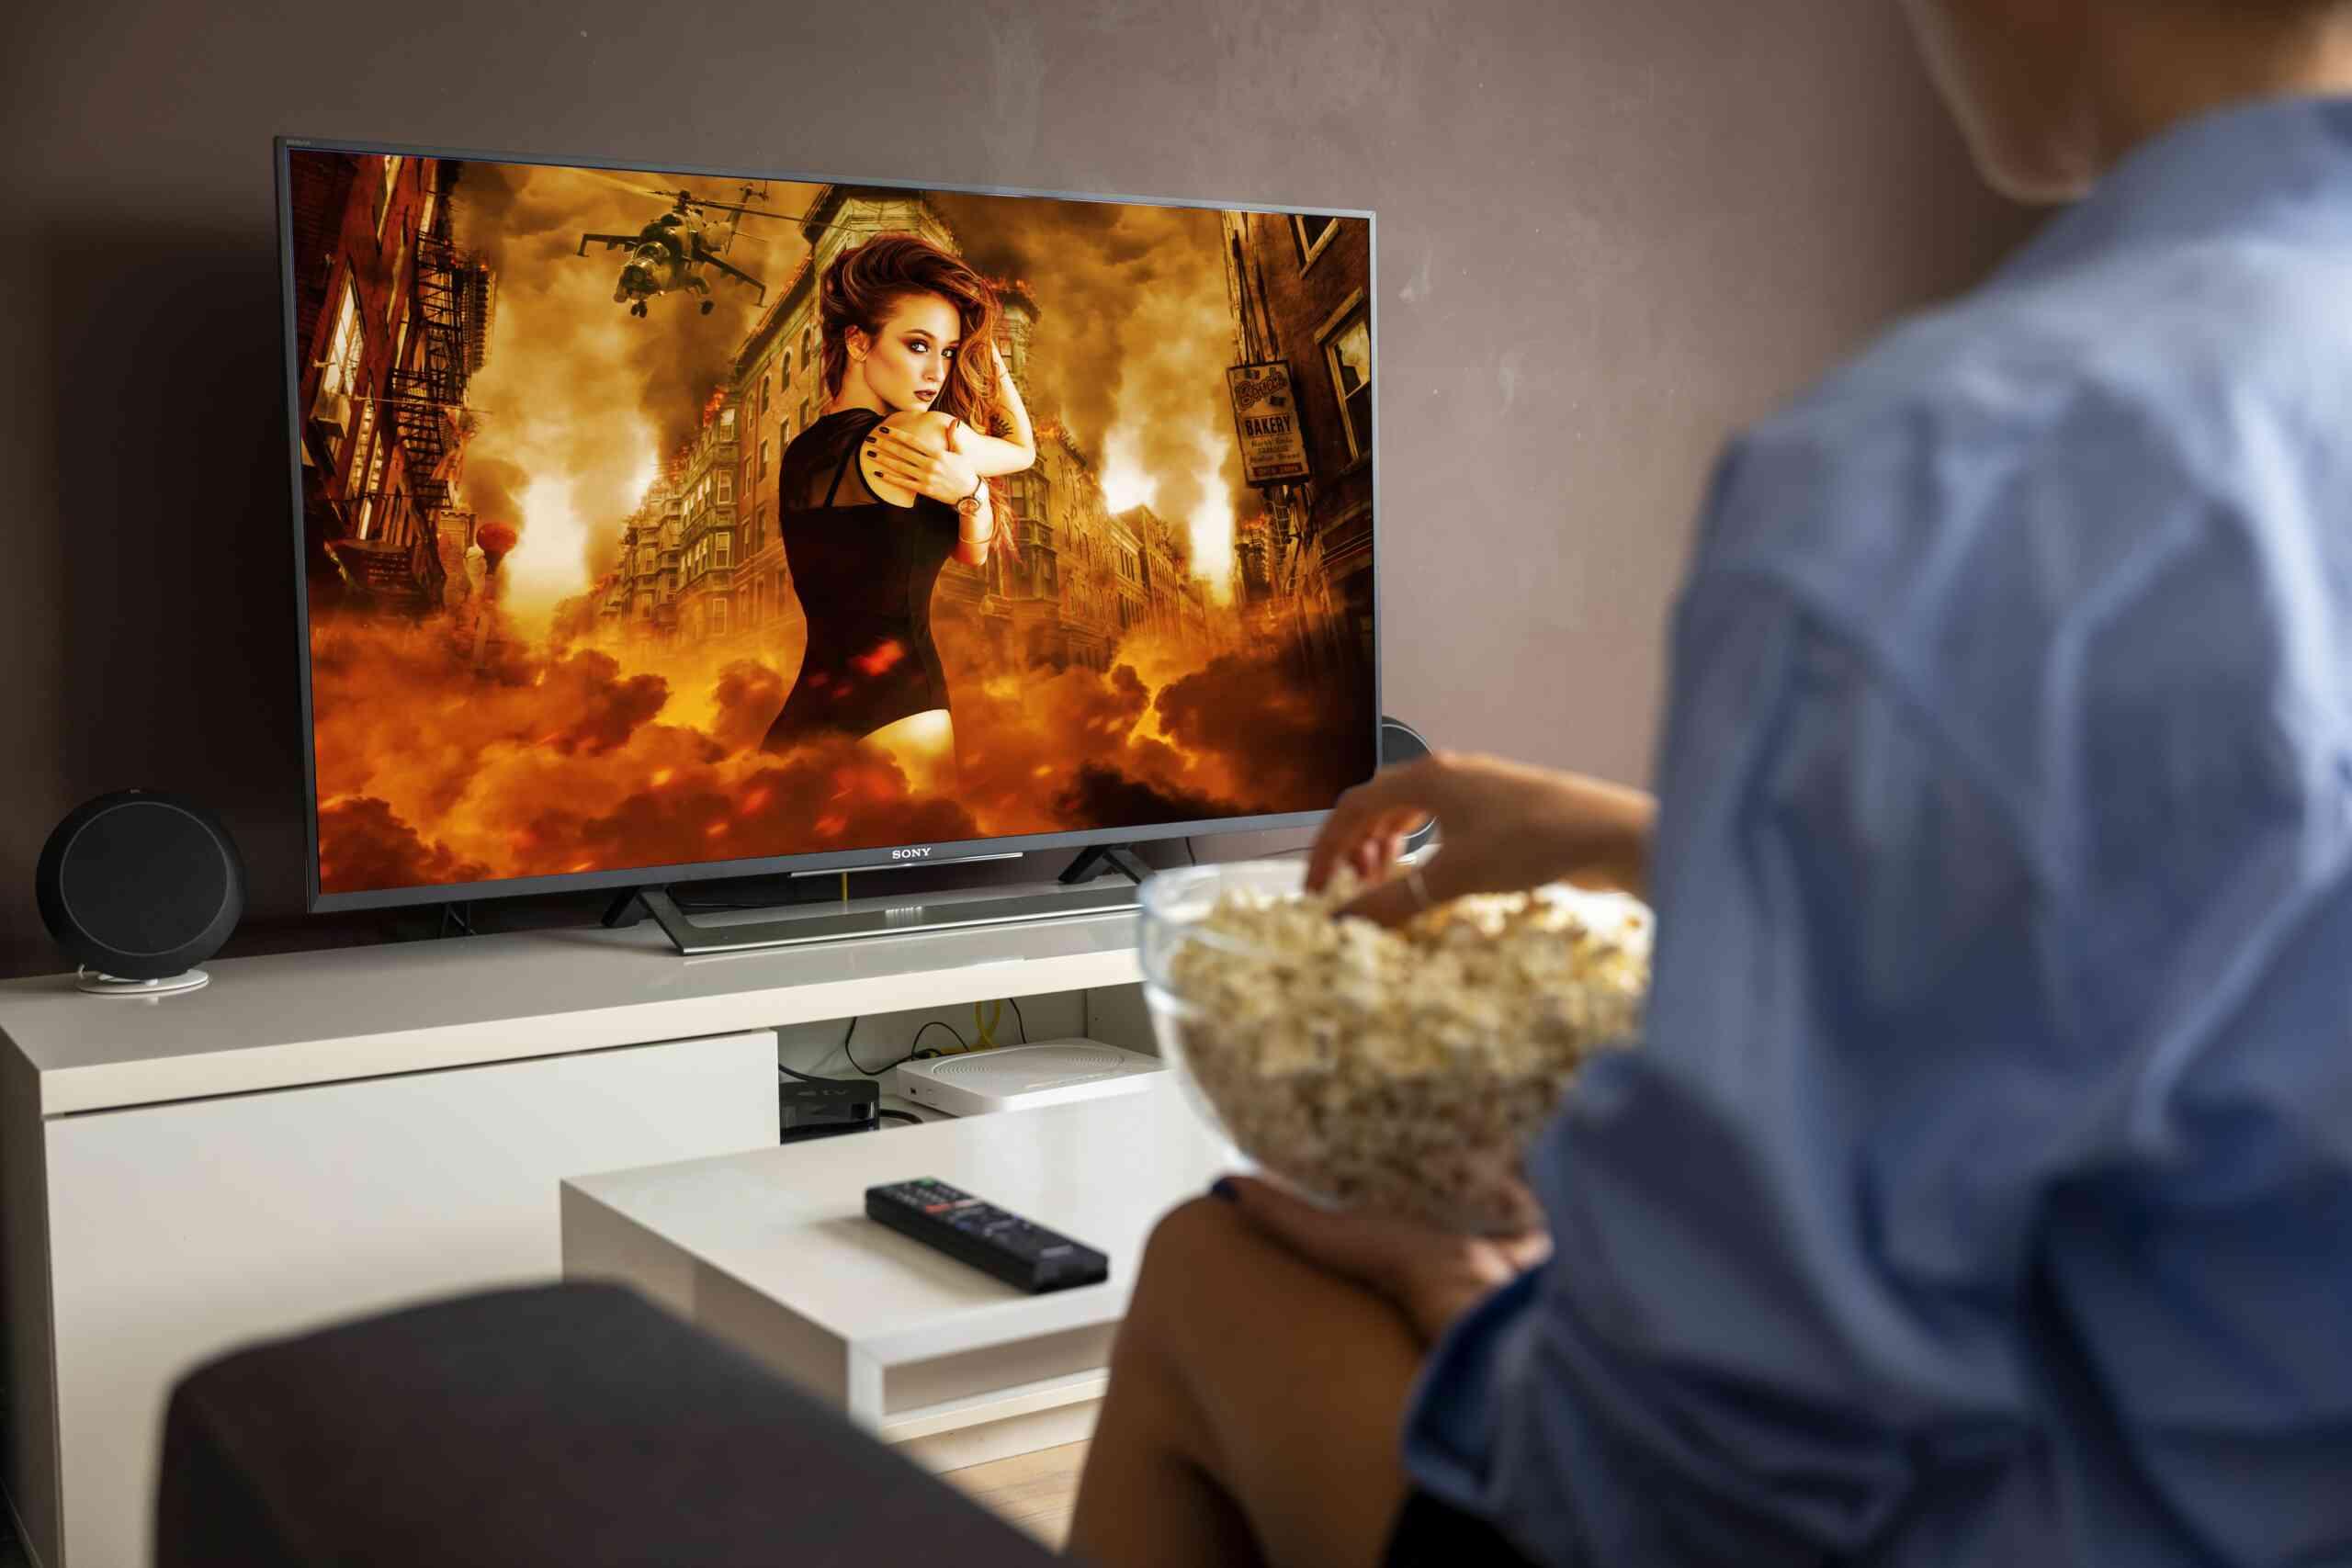 Top 8 Best TVs Under $1000